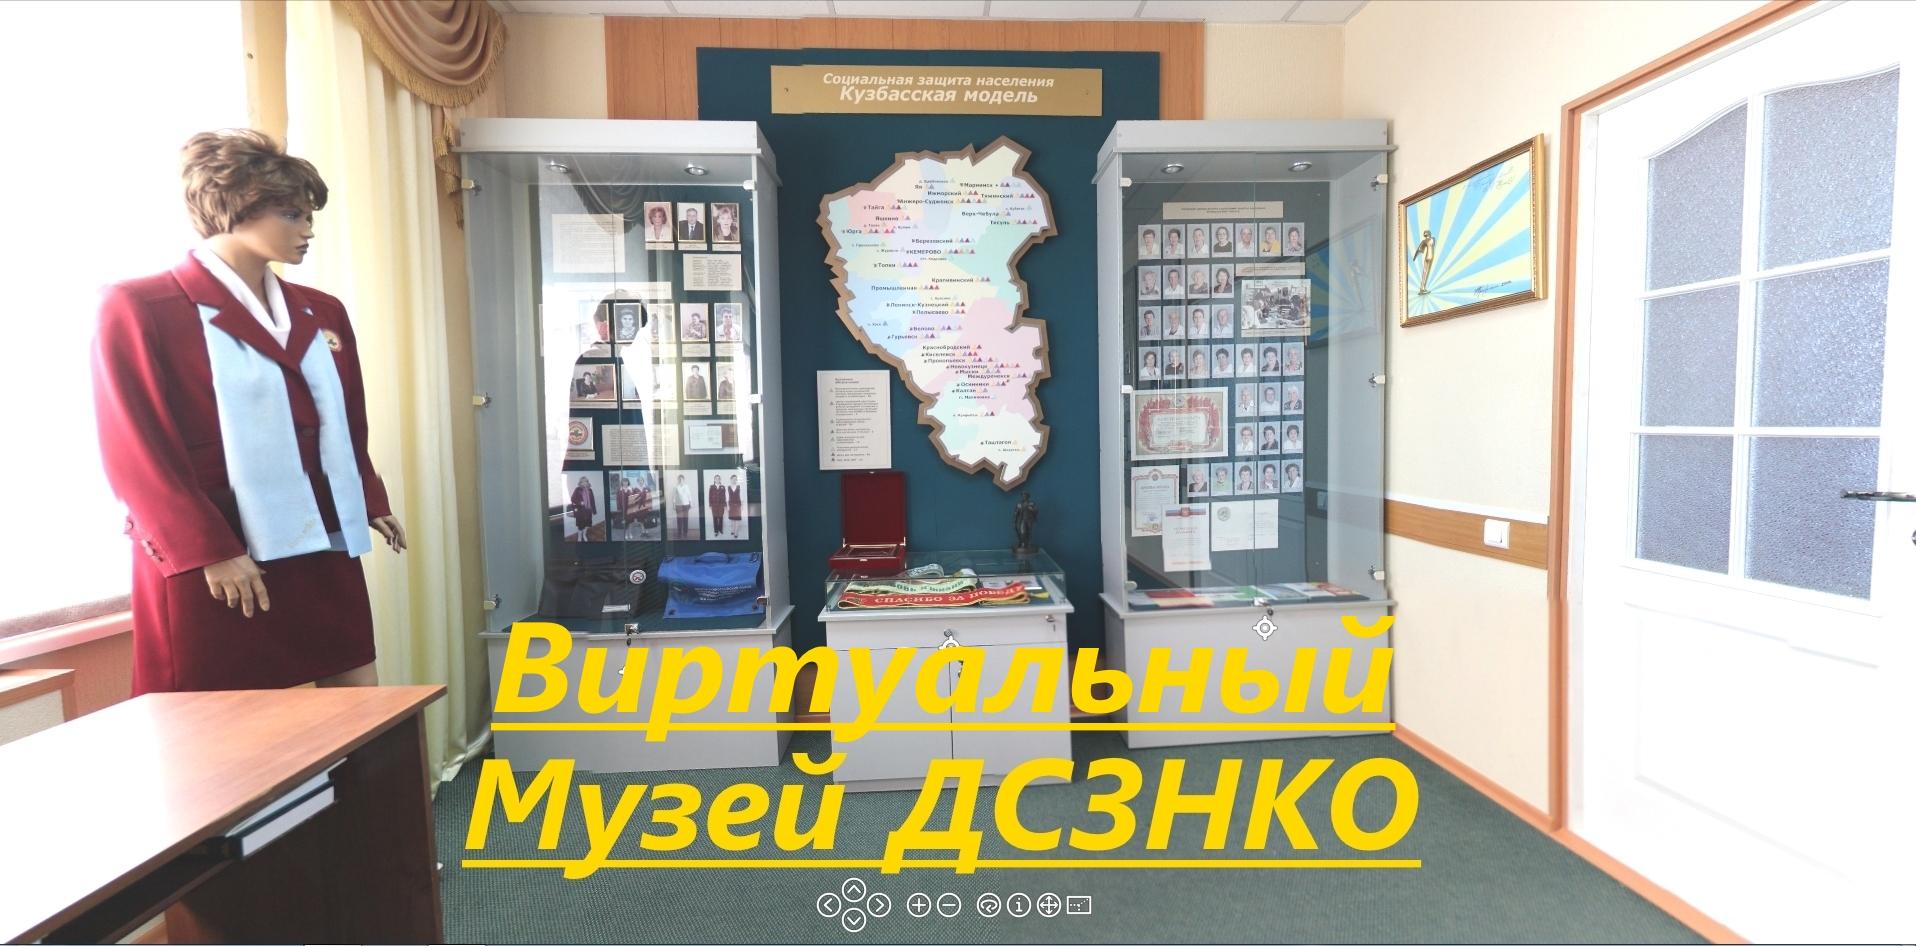 Виртуальный музей ДСЗНКО